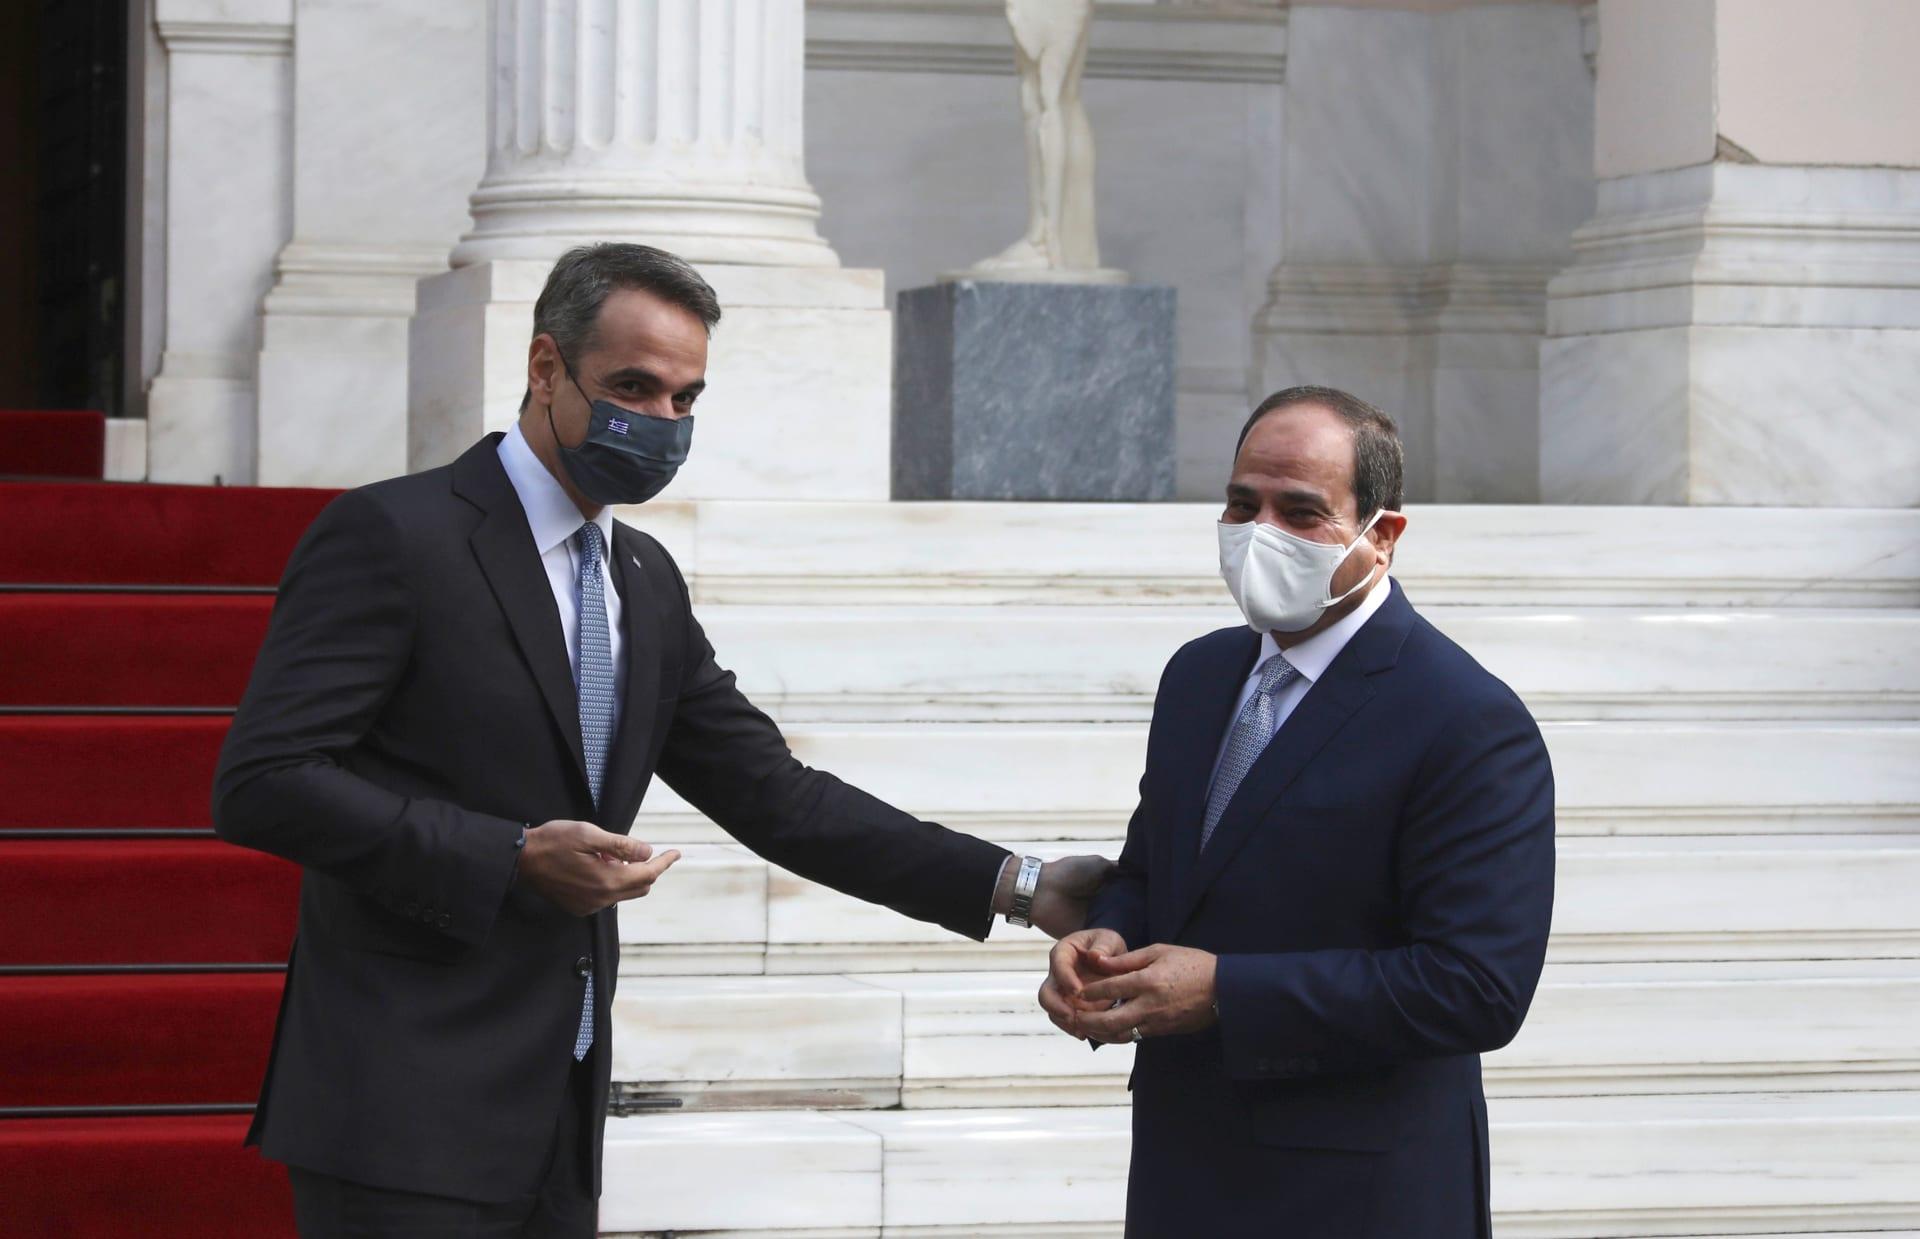 رفضته تركيا.. نشر اتفاق ترسيم الحدود البحرية بين مصر واليونان في موقع الأمم المتحدة